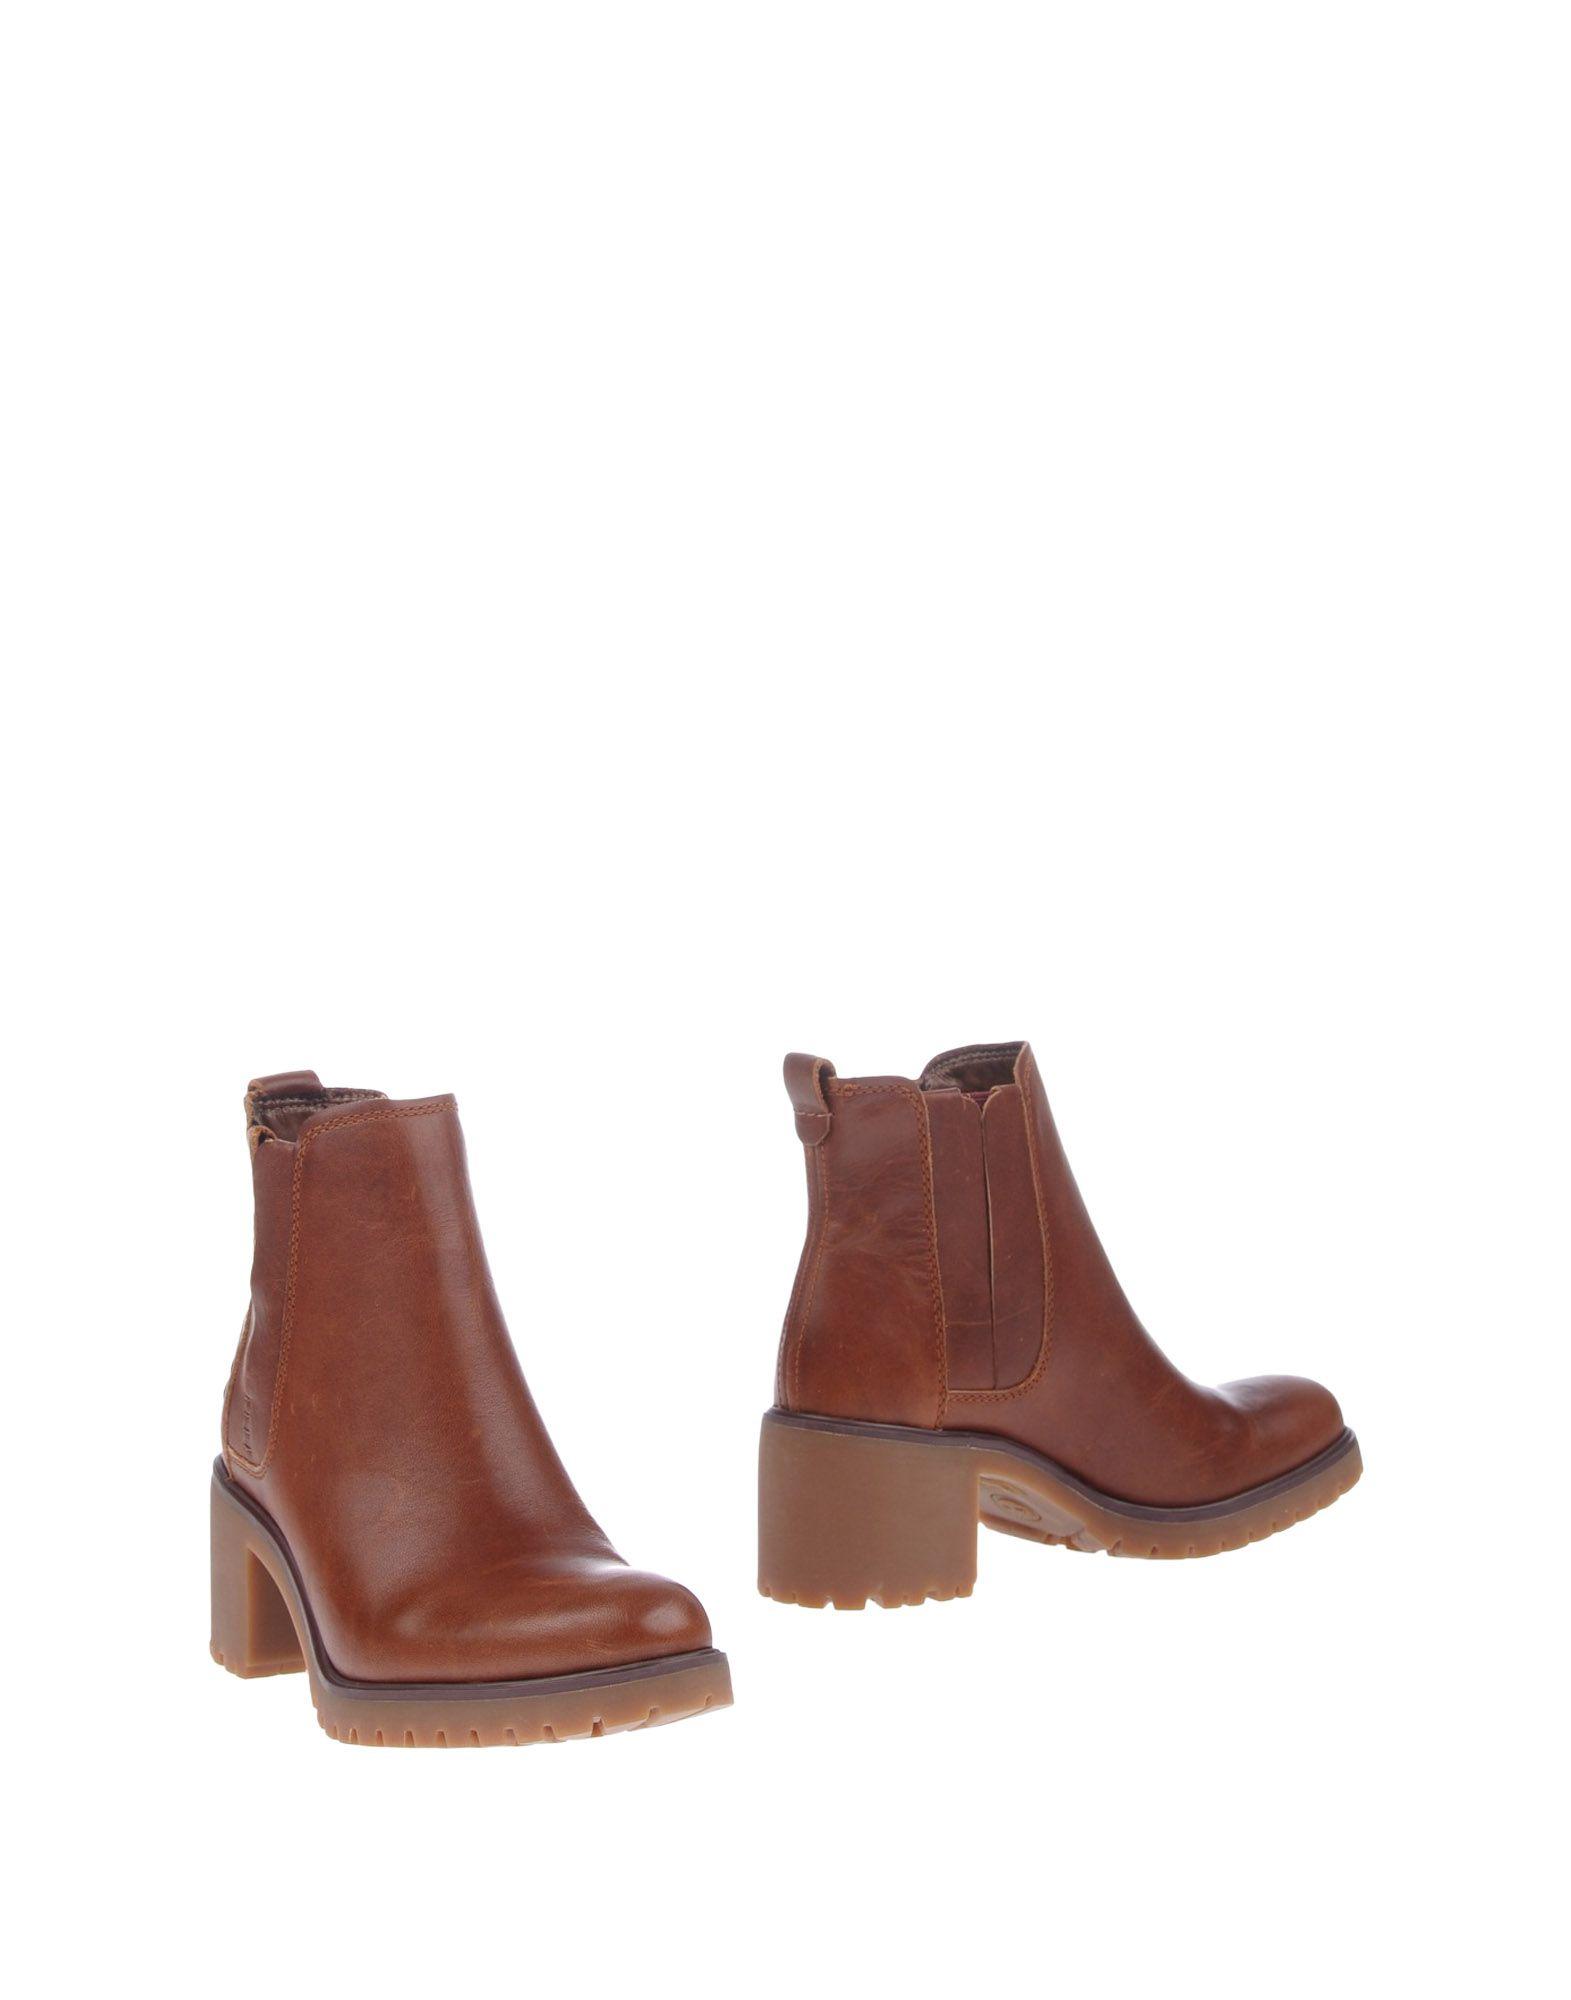 TIMBERLAND Полусапоги и высокие ботинки купить футбольную форму челси торрес